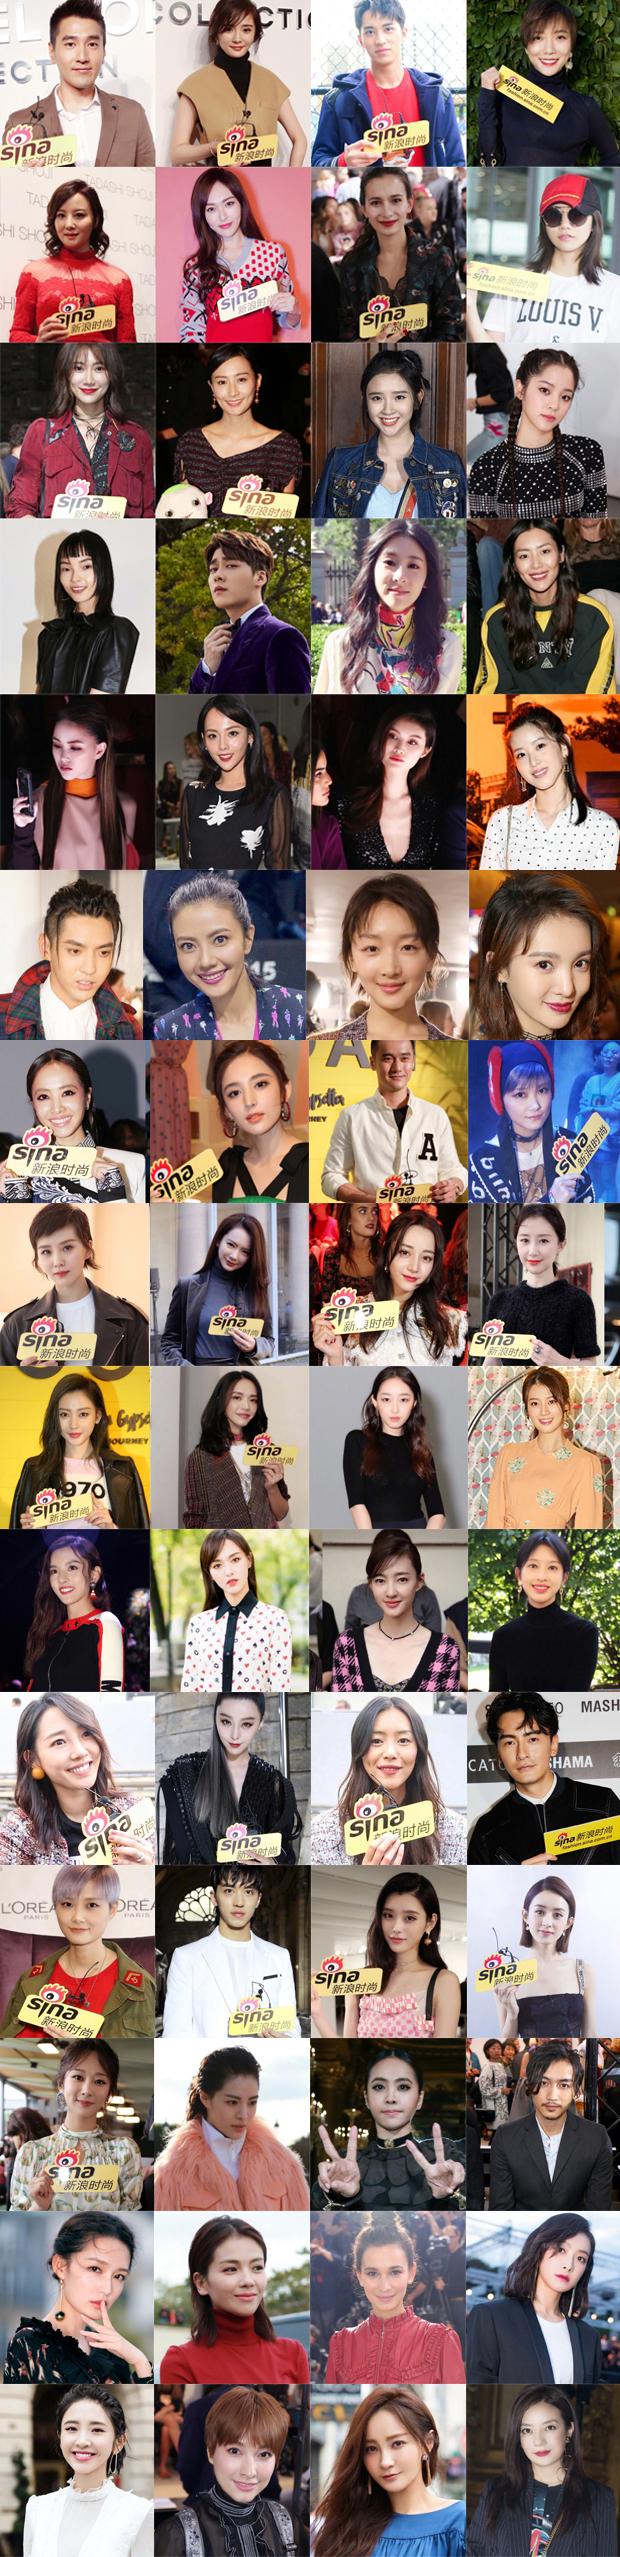 时装周中国明星合集